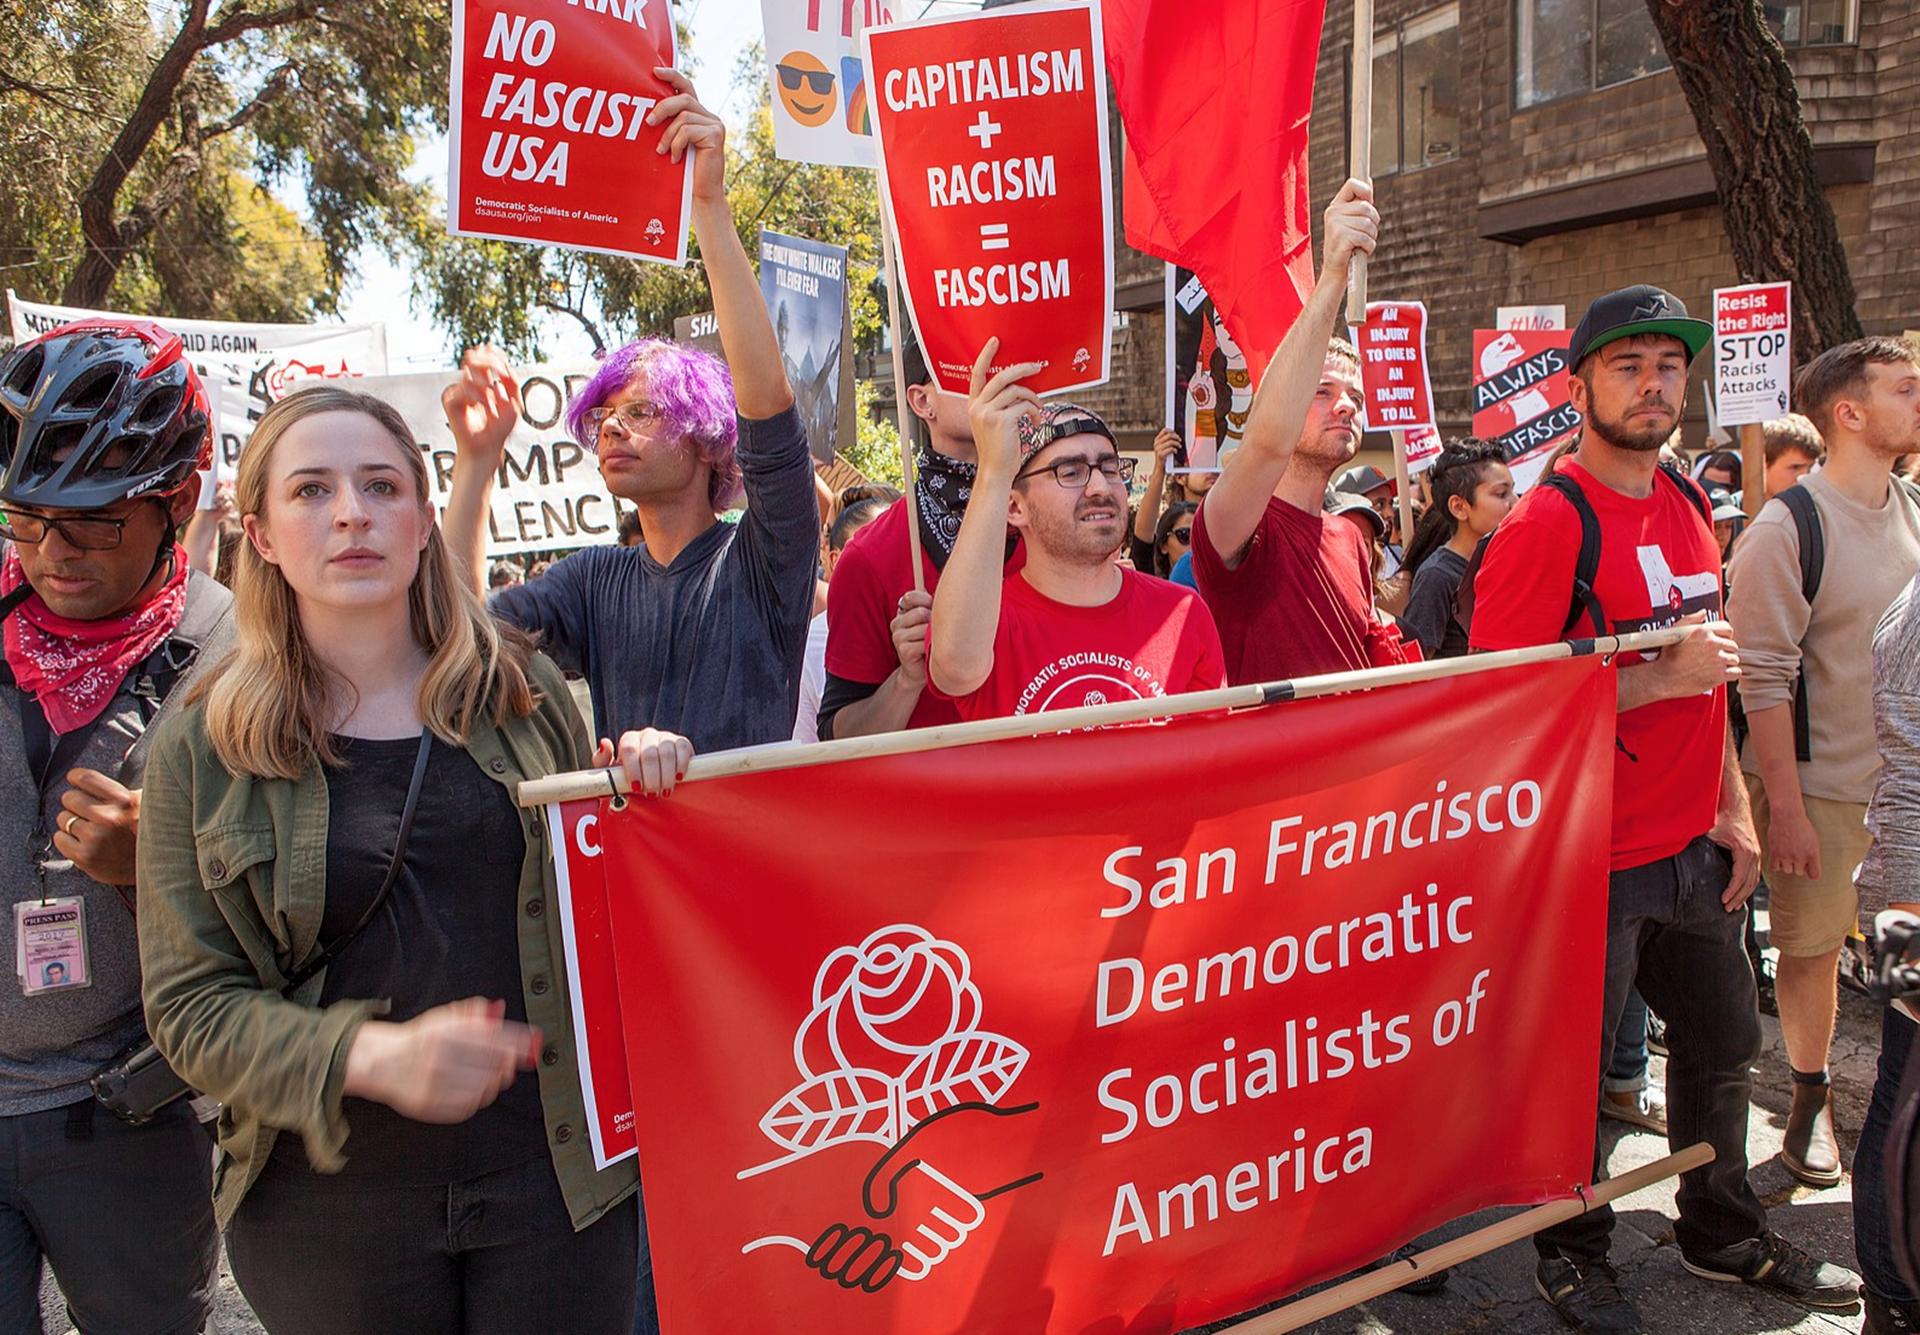 سوسیالیسم در آمریکا